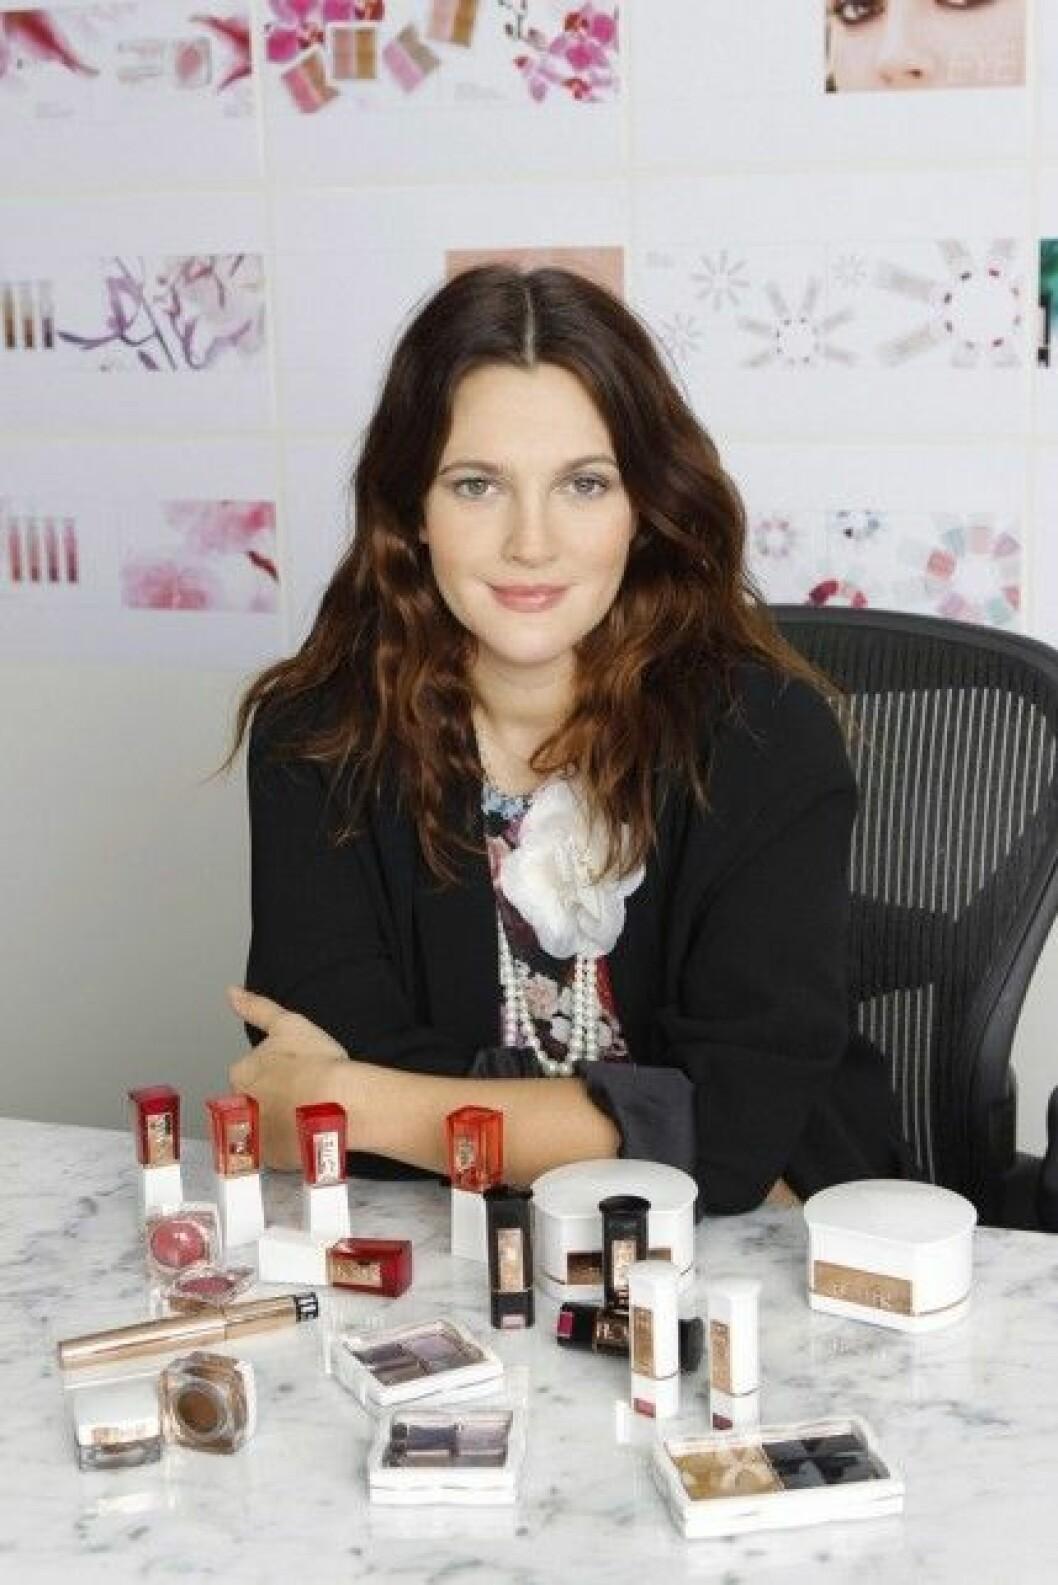 Drew Barrymore har lanserat ett eget sminkmärke kallat Flower Beauty.